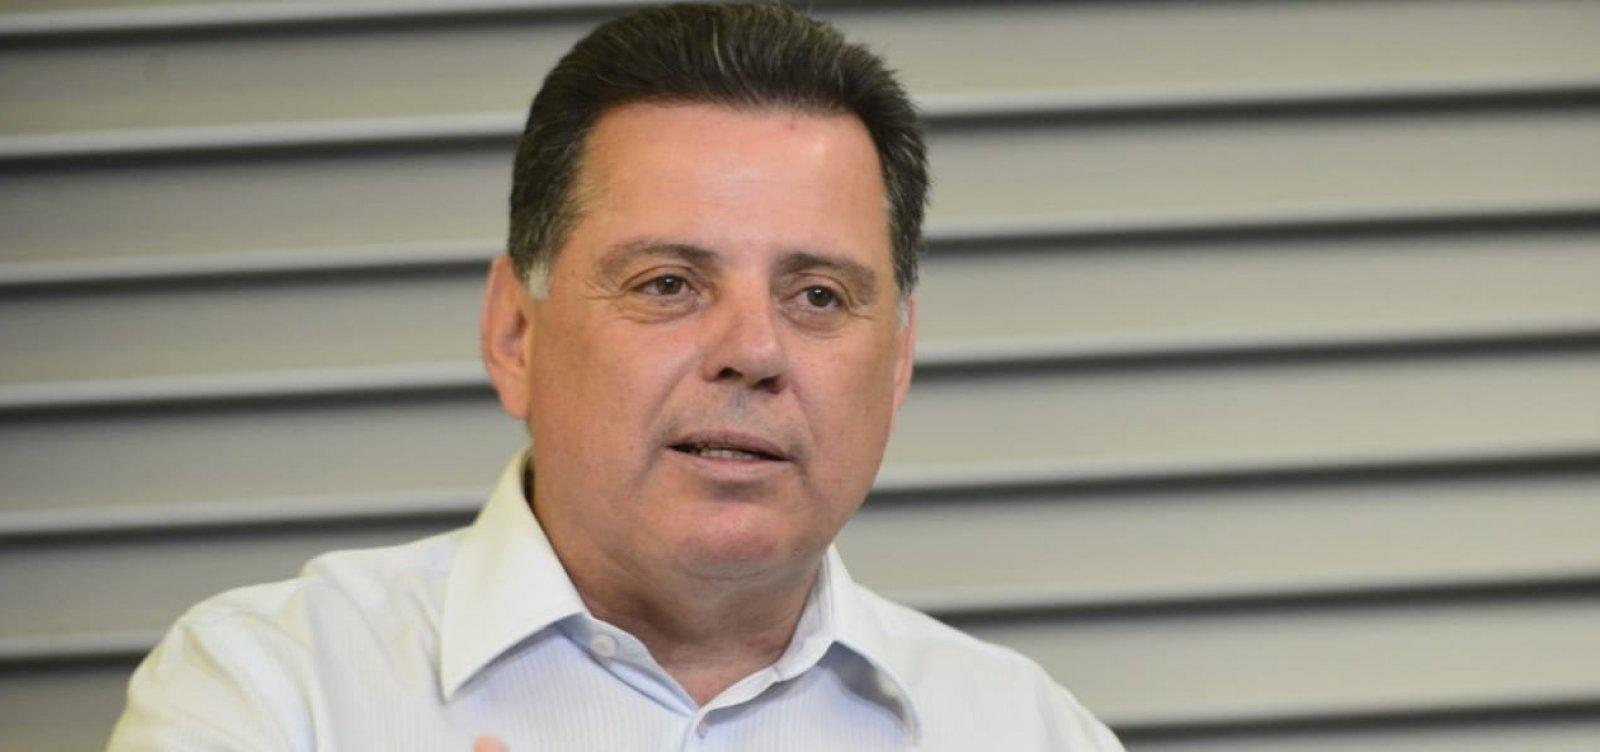 Juiz mantém prisão de aliado de Perillo para evitar 'desequilíbrio' na eleição